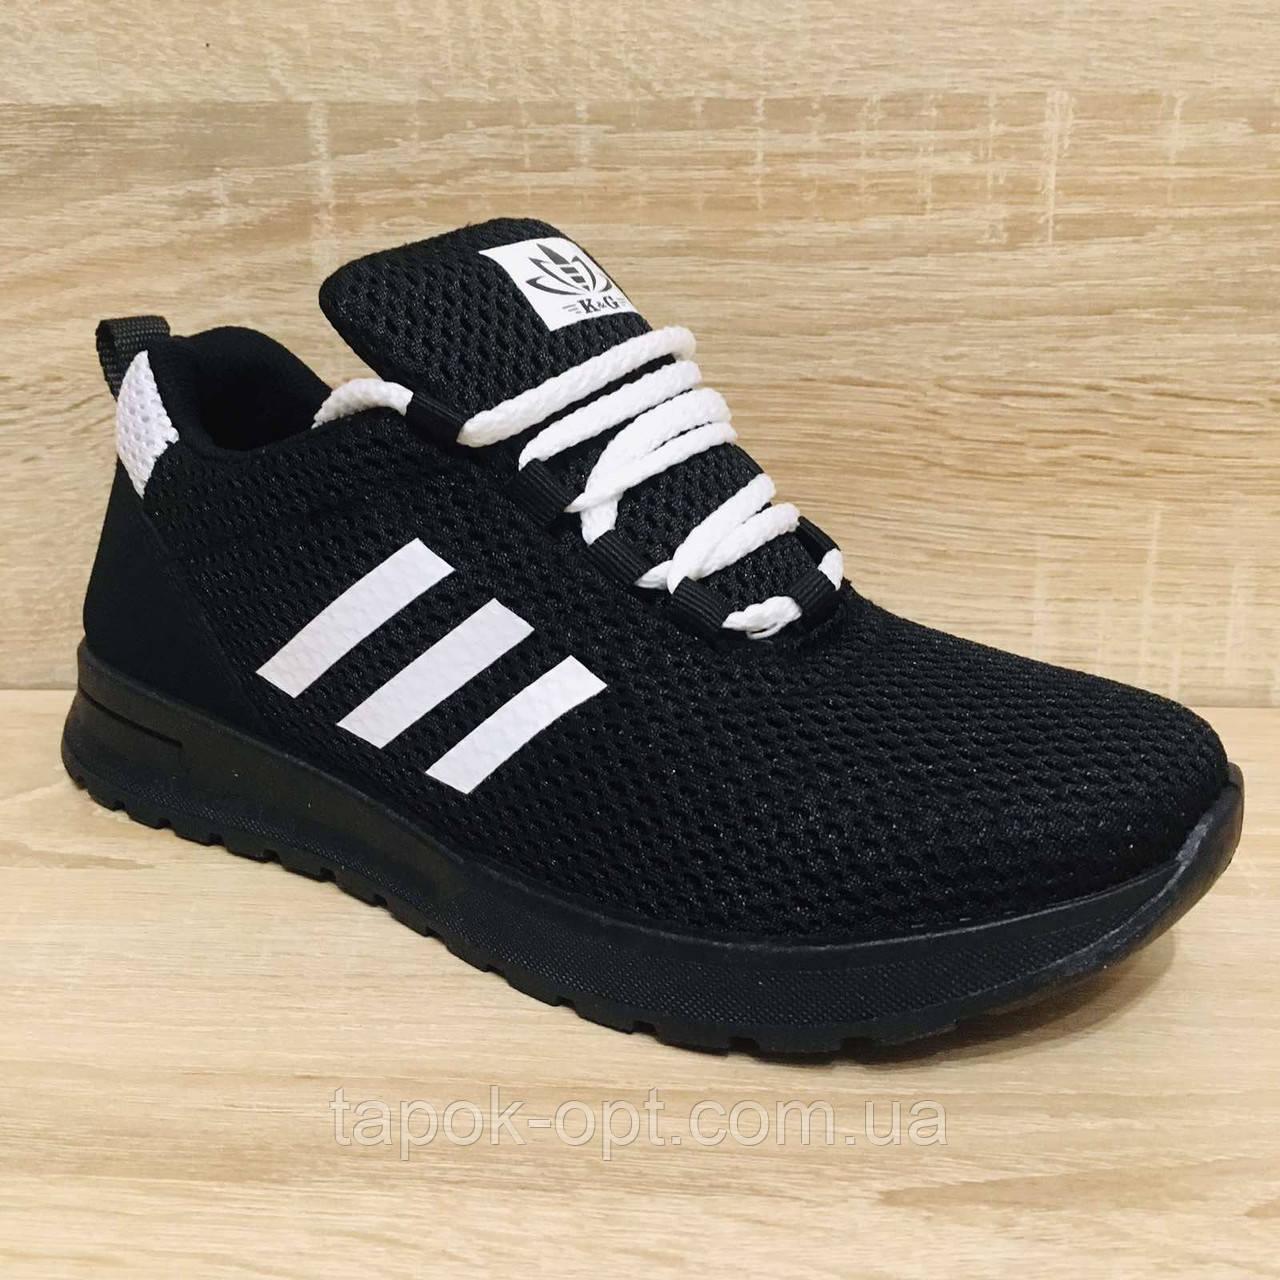 Підліткові кросівки K&G